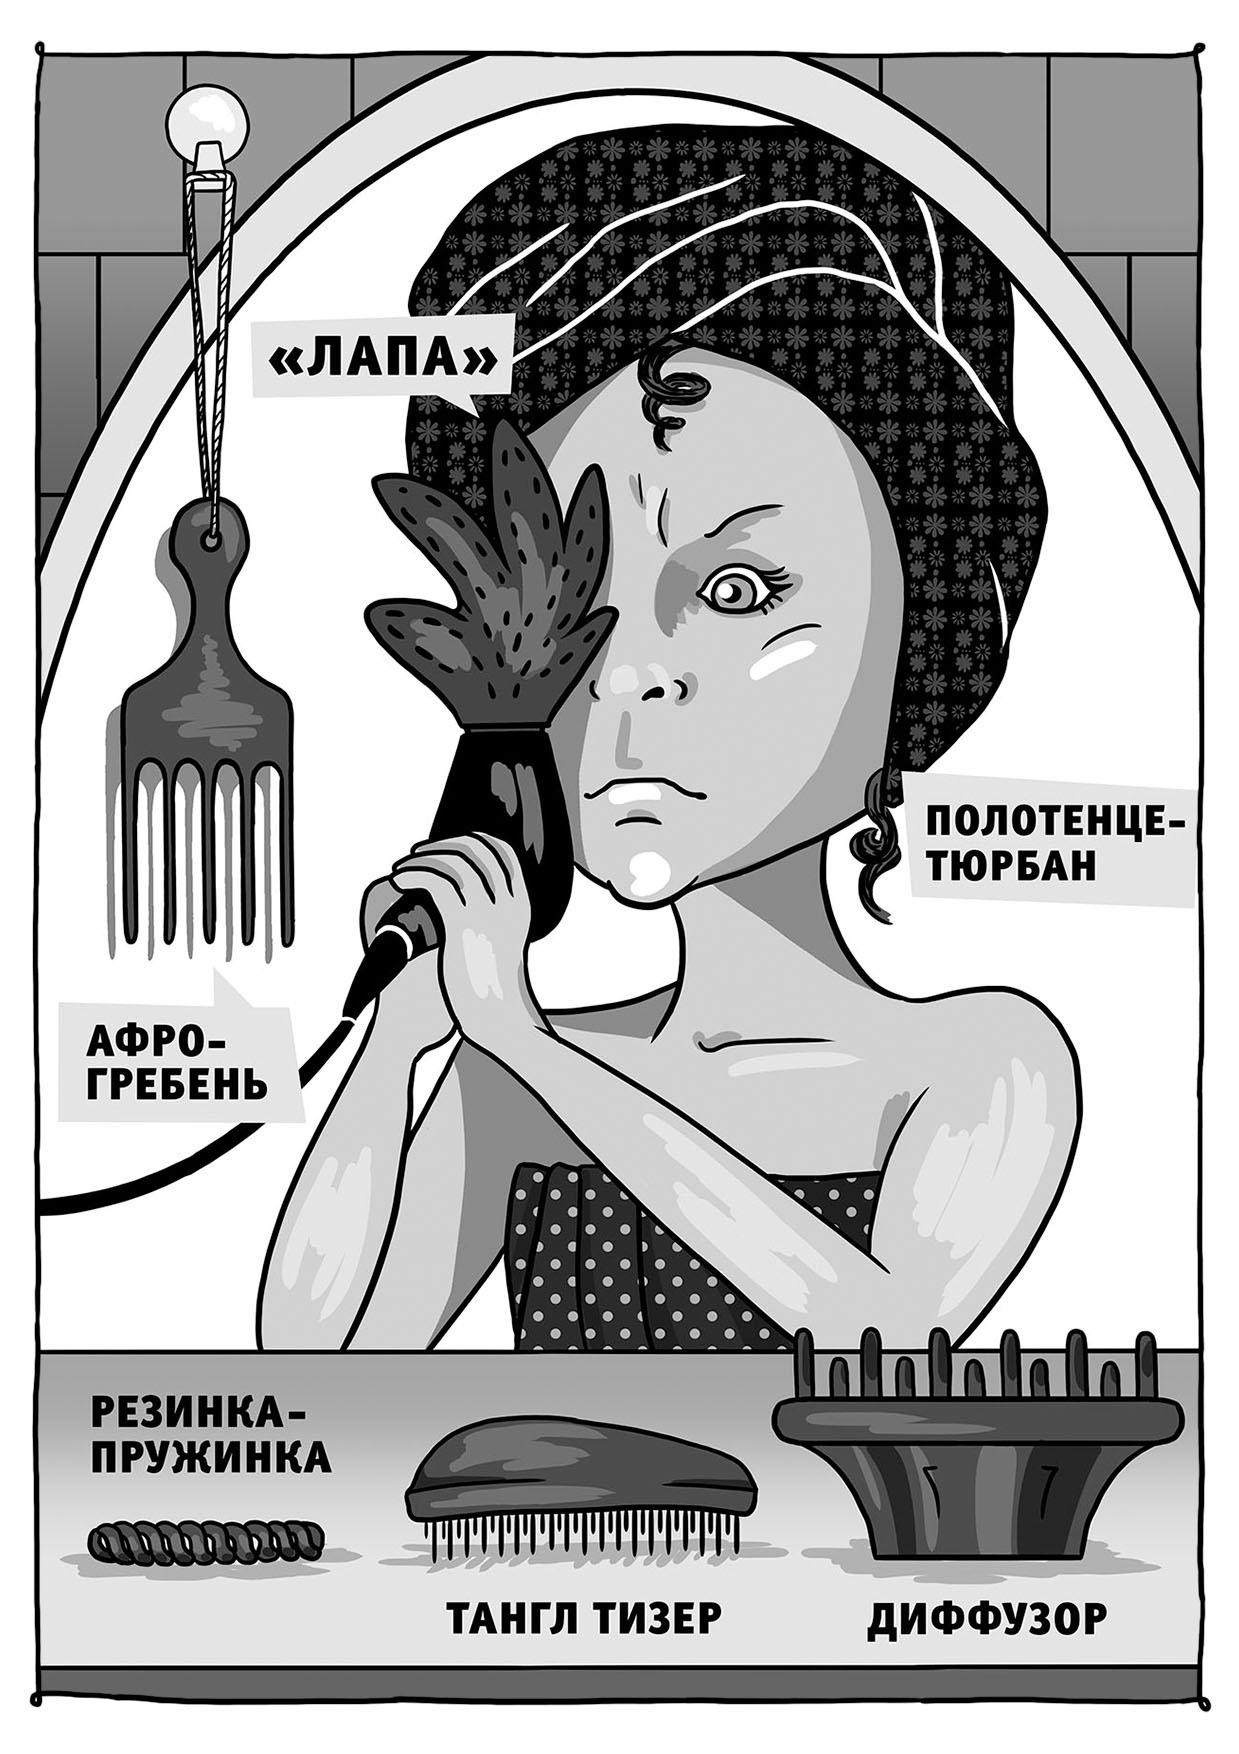 Из моей Бьютилогии, где кудрям посвящена отдельная большая глава  https://www.litres.ru/uliya-osina/butilogiya-nauka-o-krasote-dlya-teh-kto-znal-no-zabyl/